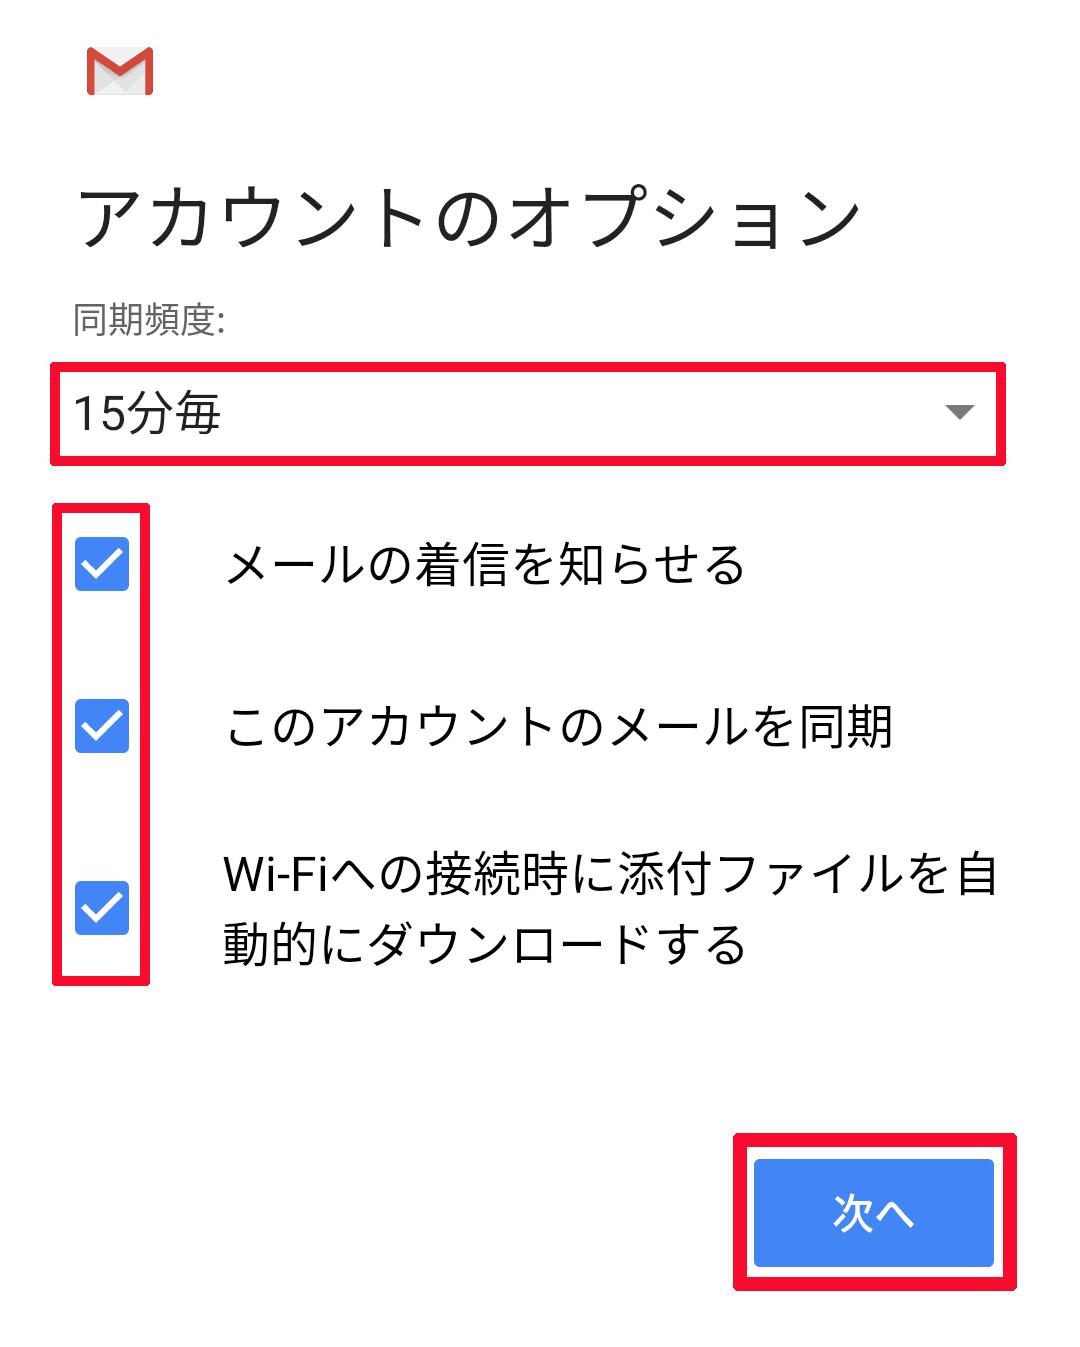 メールアカウントのオプション設定